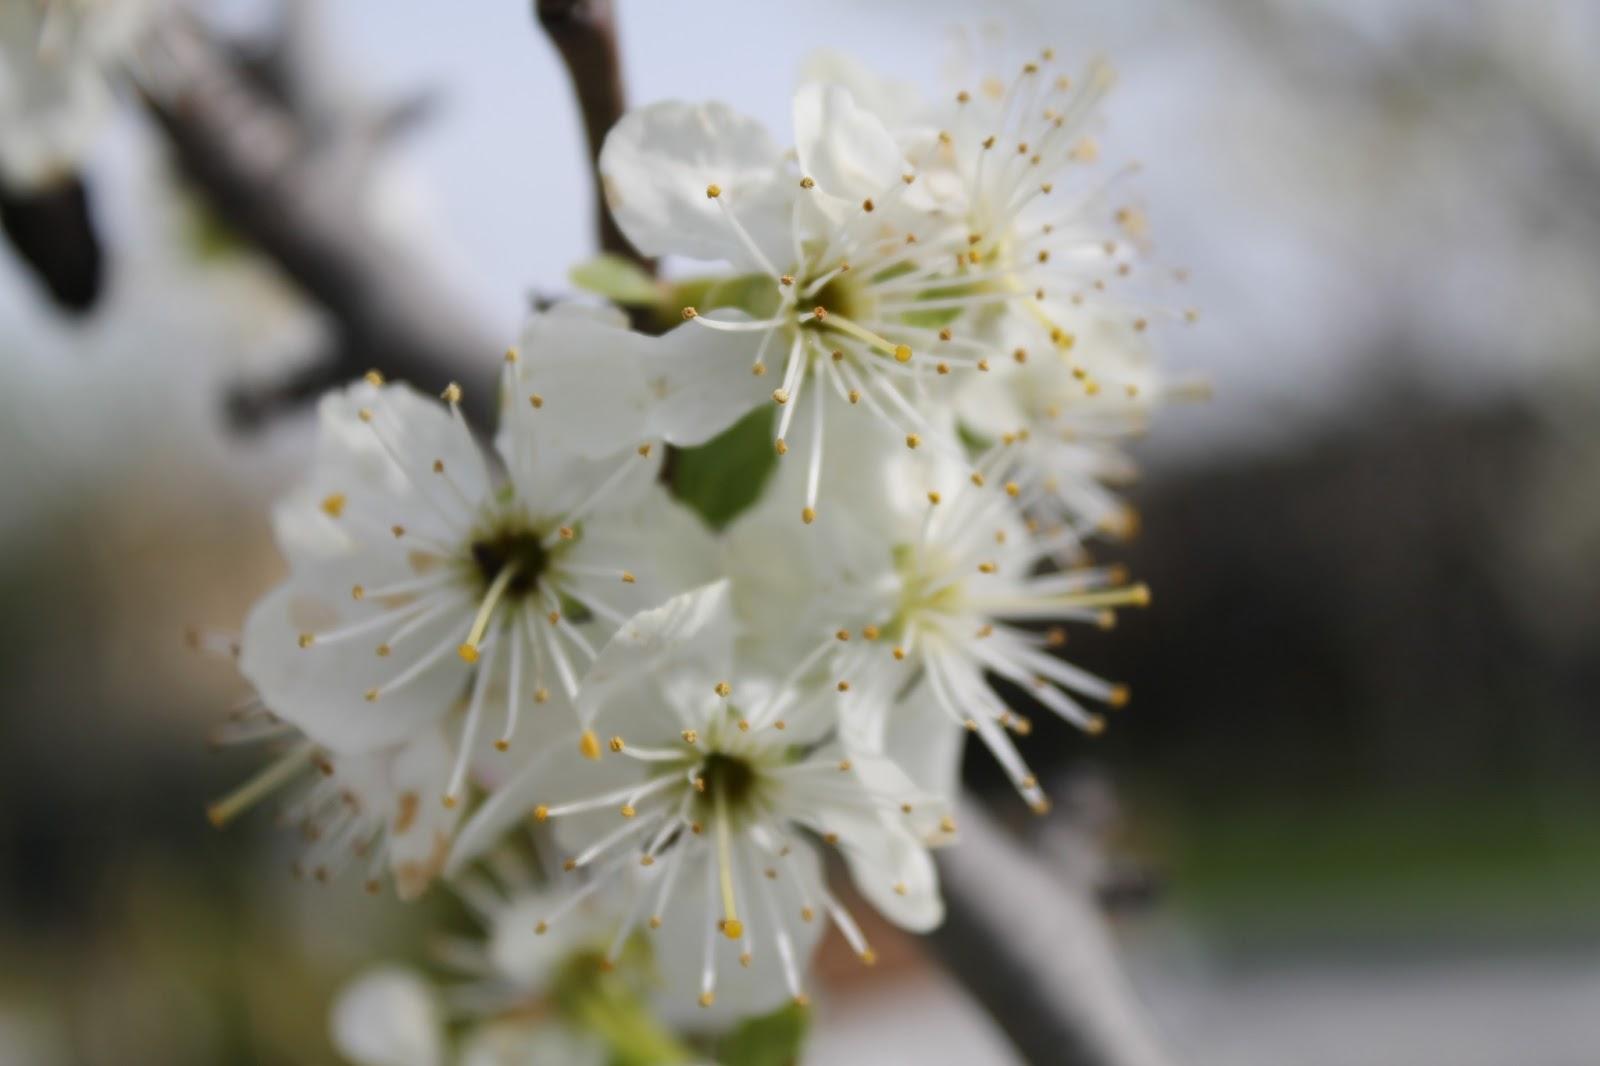 Cuando podar cerezos y ciruelos perfect el curso se for Cuando podar cerezos y ciruelos